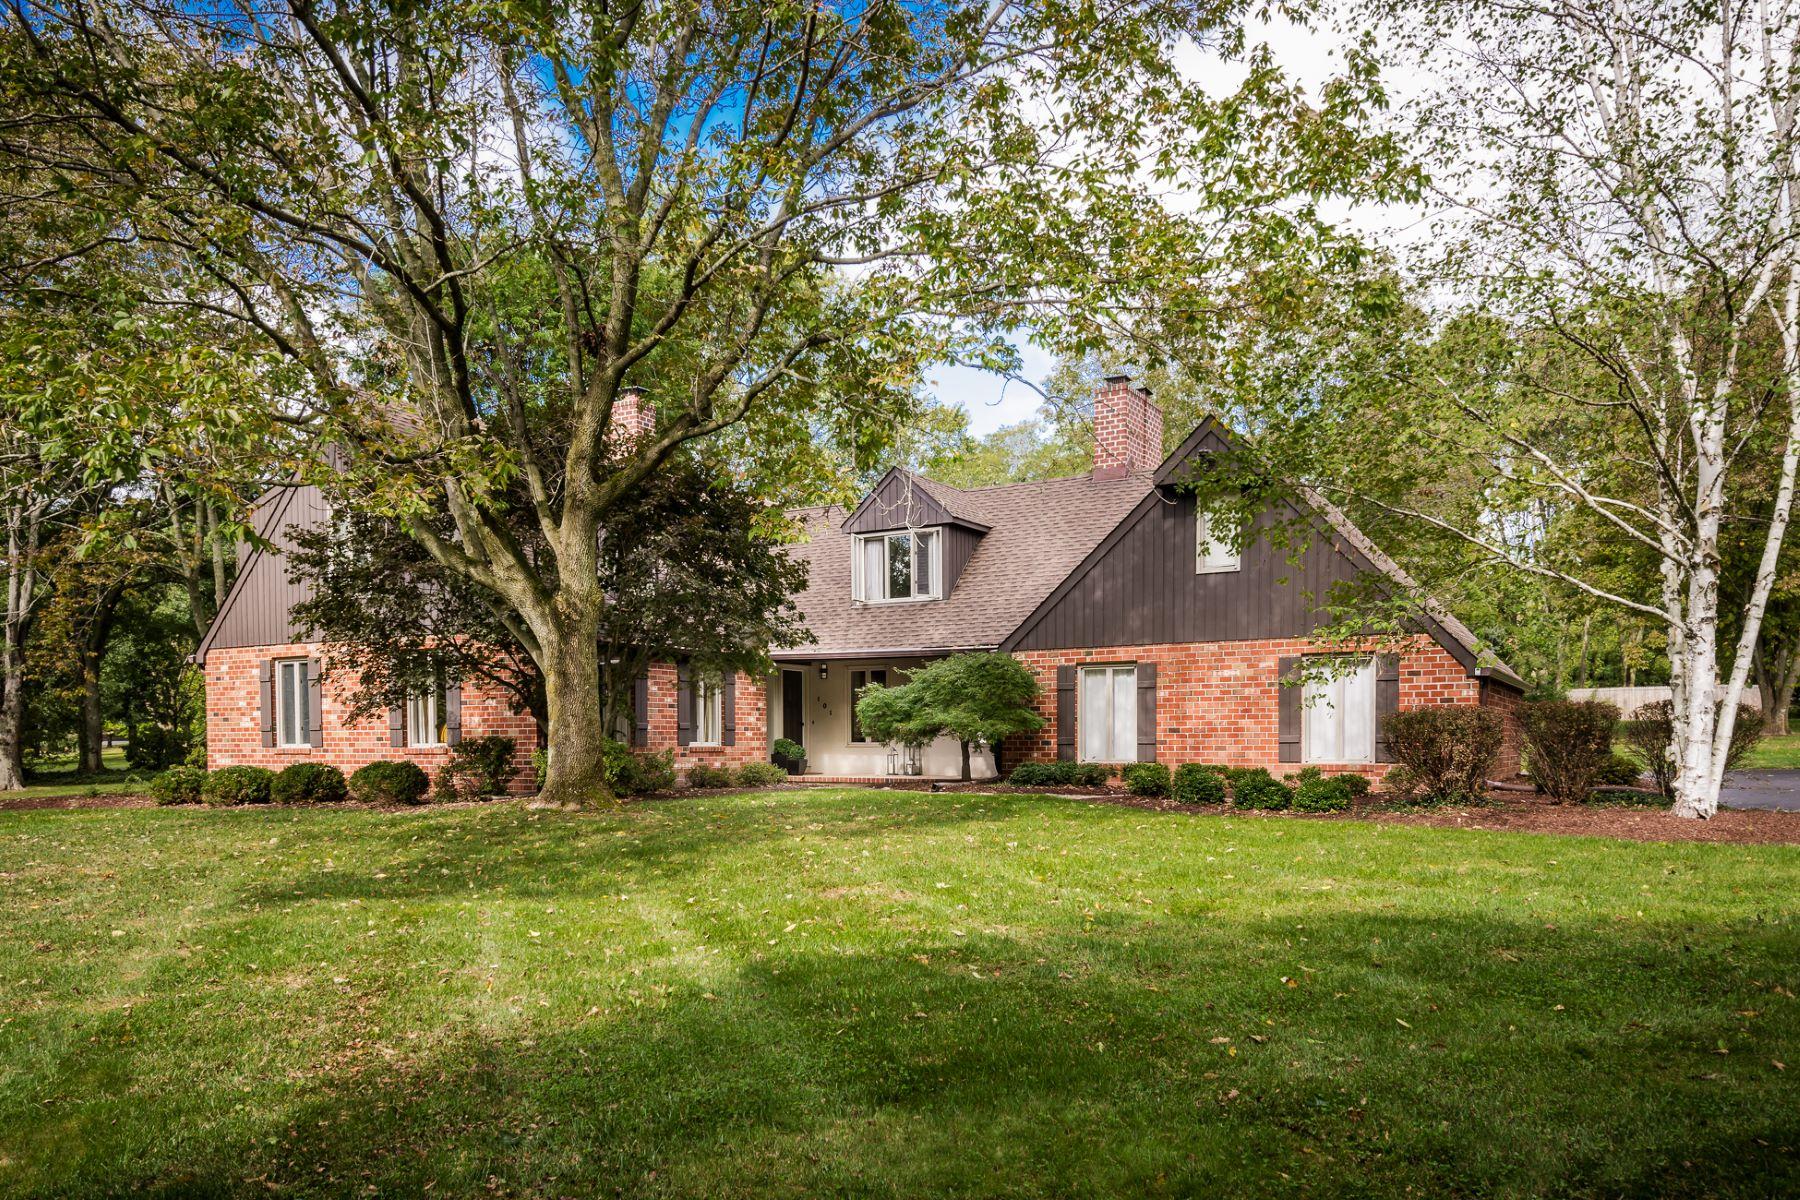 独户住宅 为 销售 在 Buyer Friendly - Hopewell Township 101 West Shore Drive 彭宁顿, 新泽西州 08534 美国